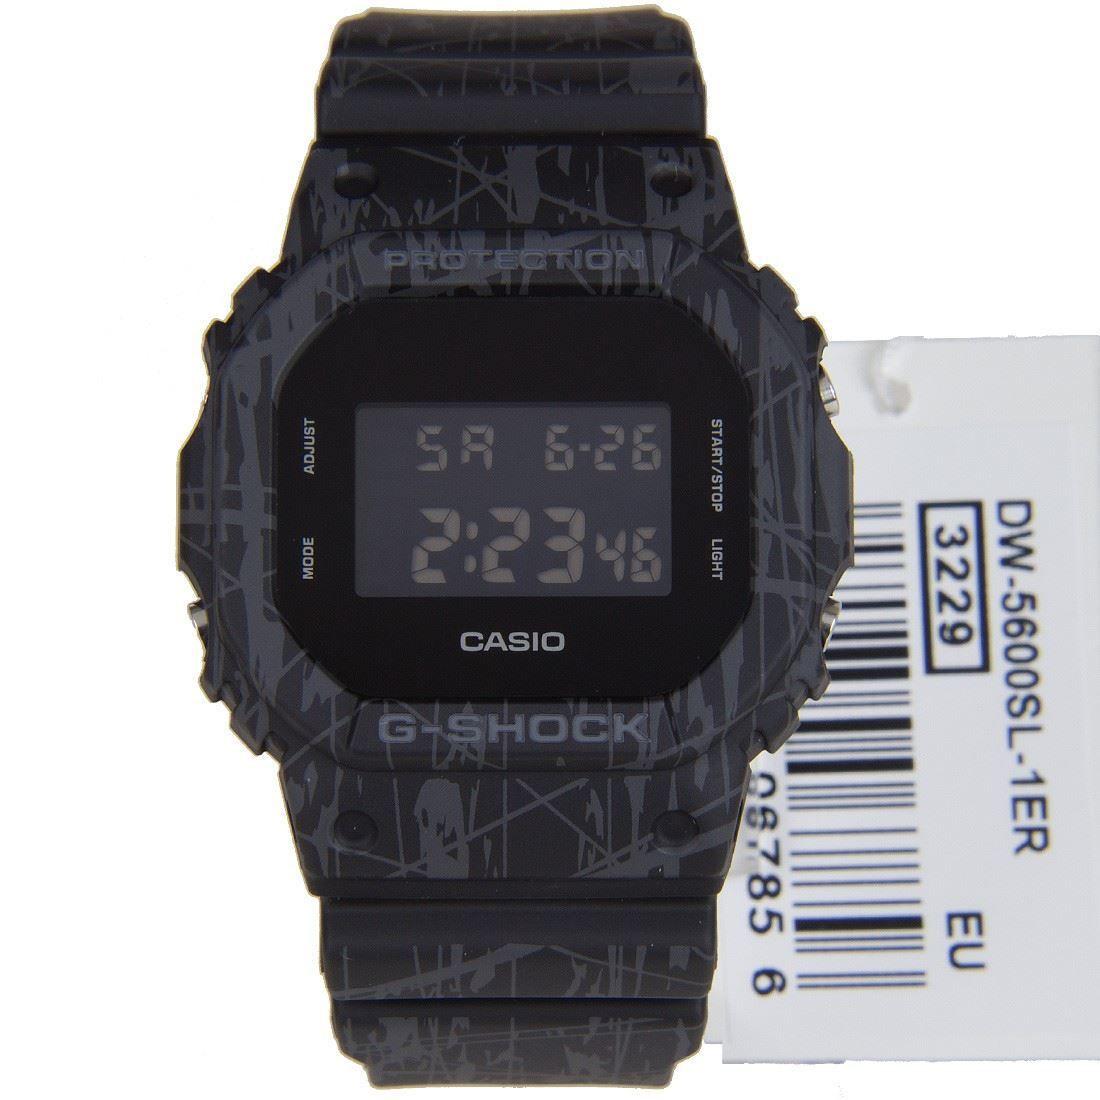 Casio G Shock Dw 5600sl 1 Watch Casio G Shock Casio G Shock